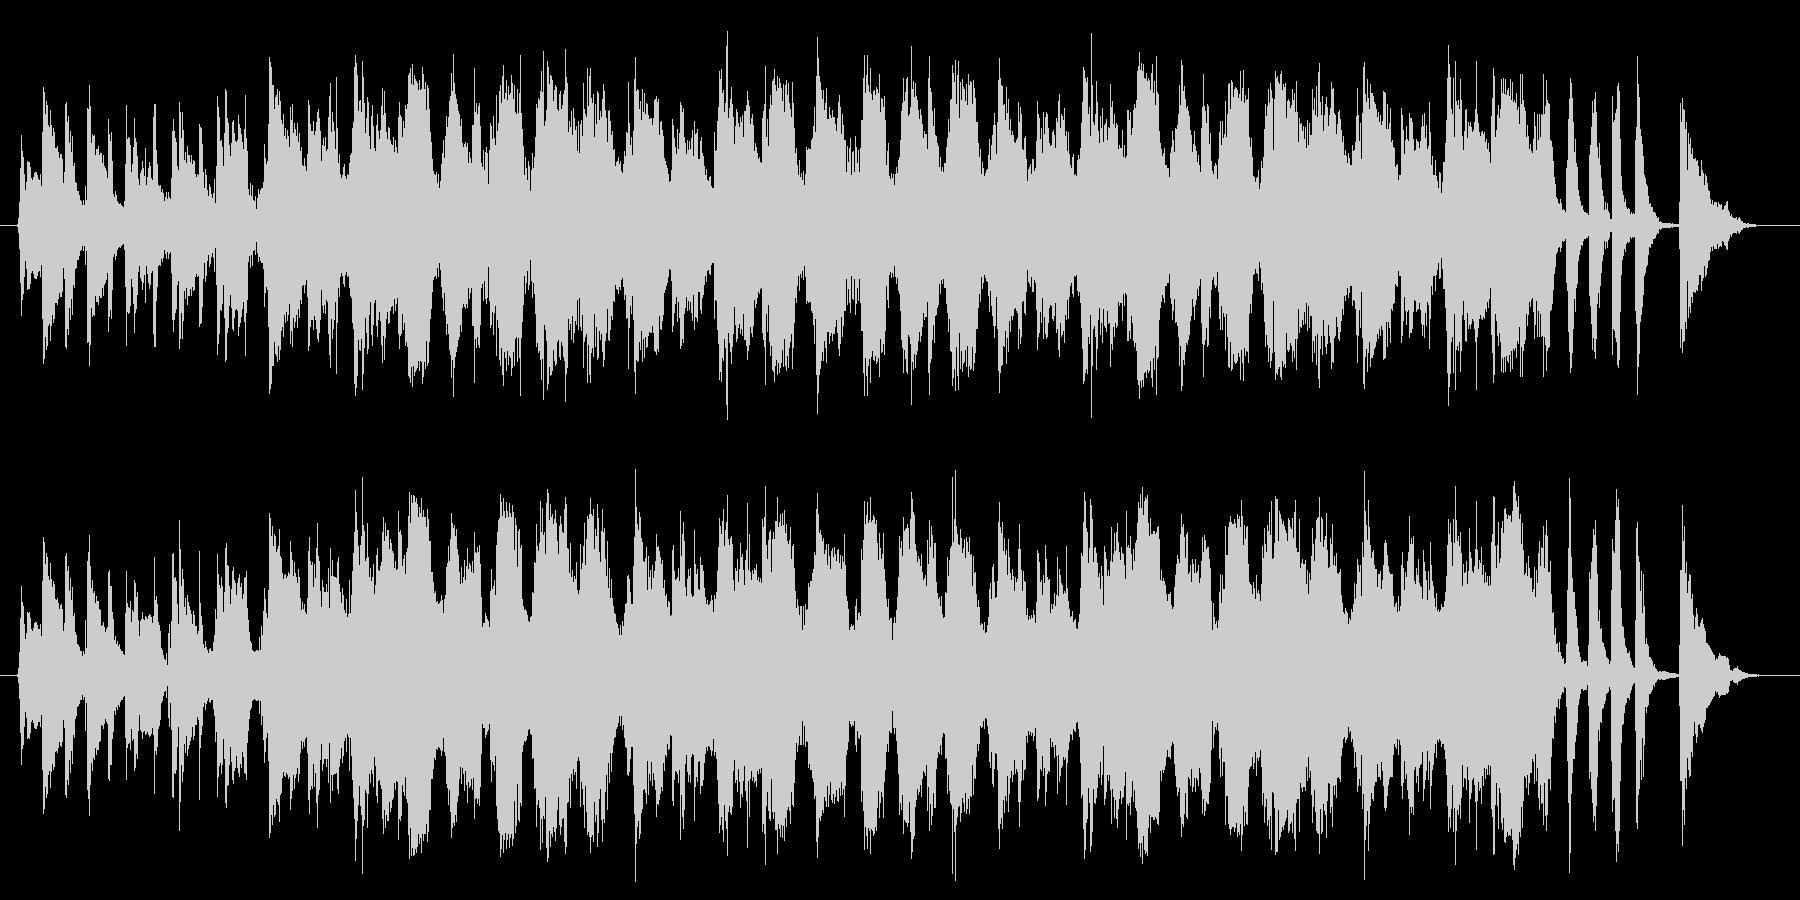 クールな商品紹介向けアコギBGMの未再生の波形